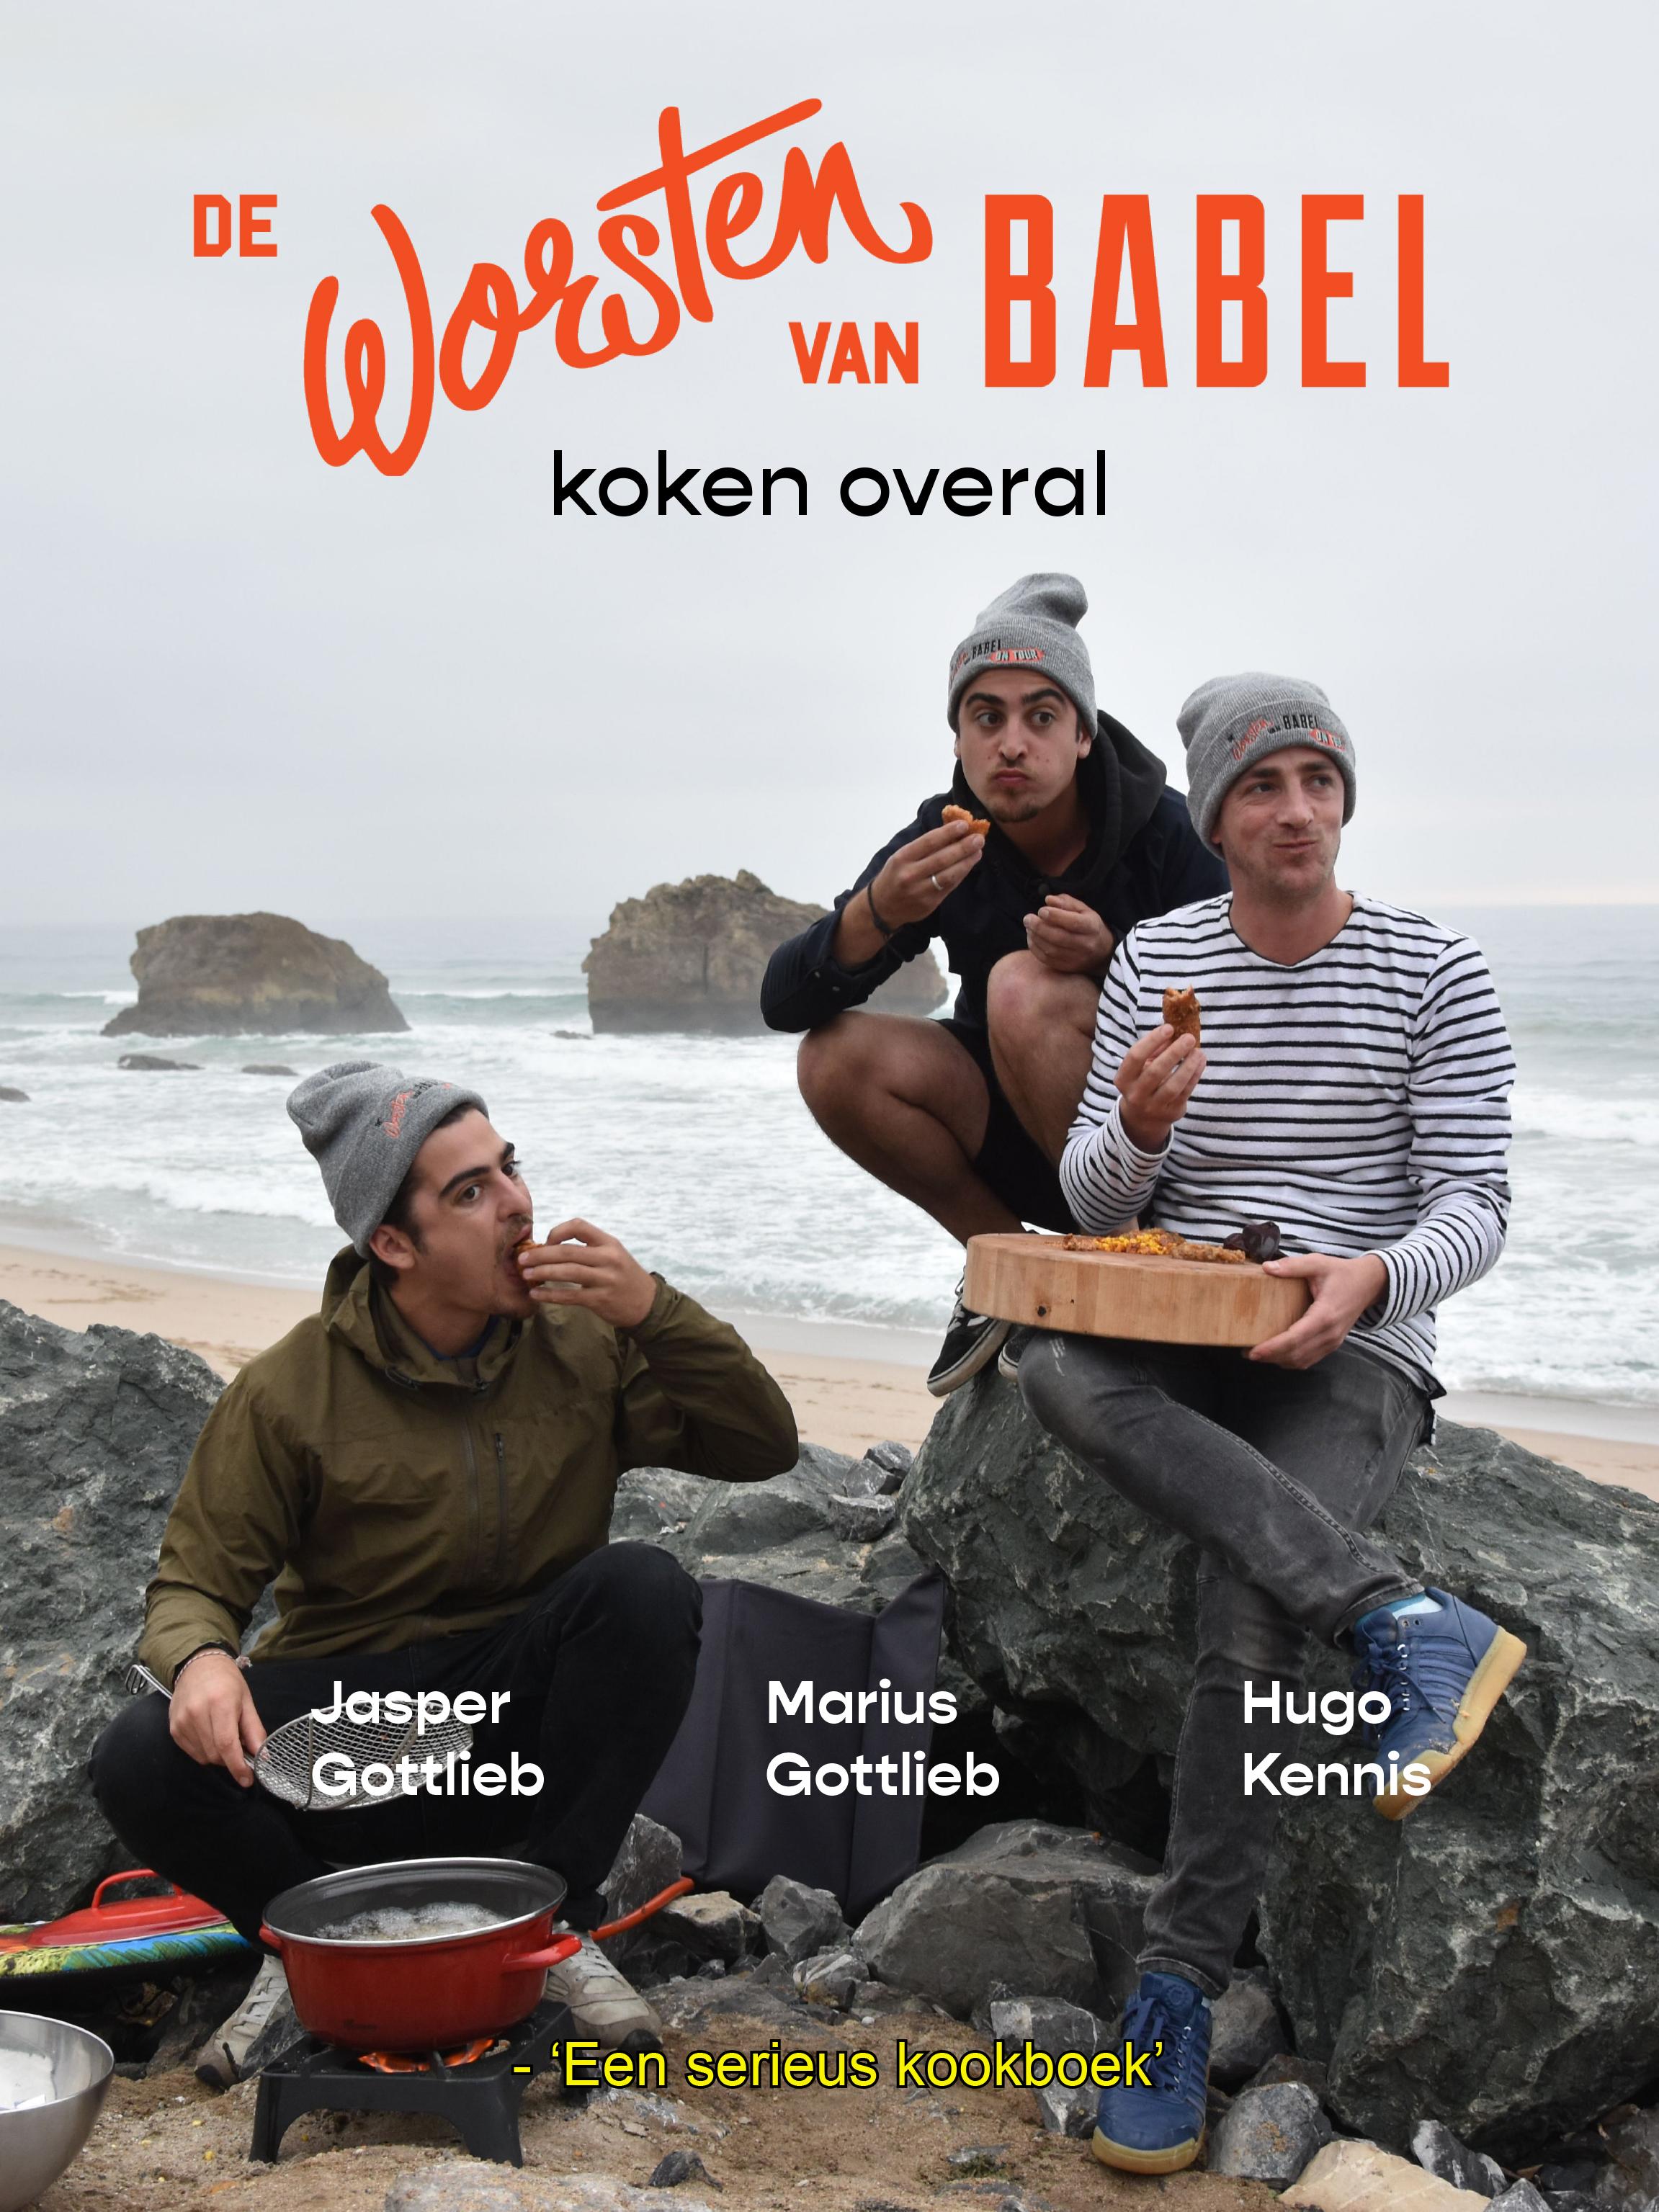 De Worsten van Babel koken overal